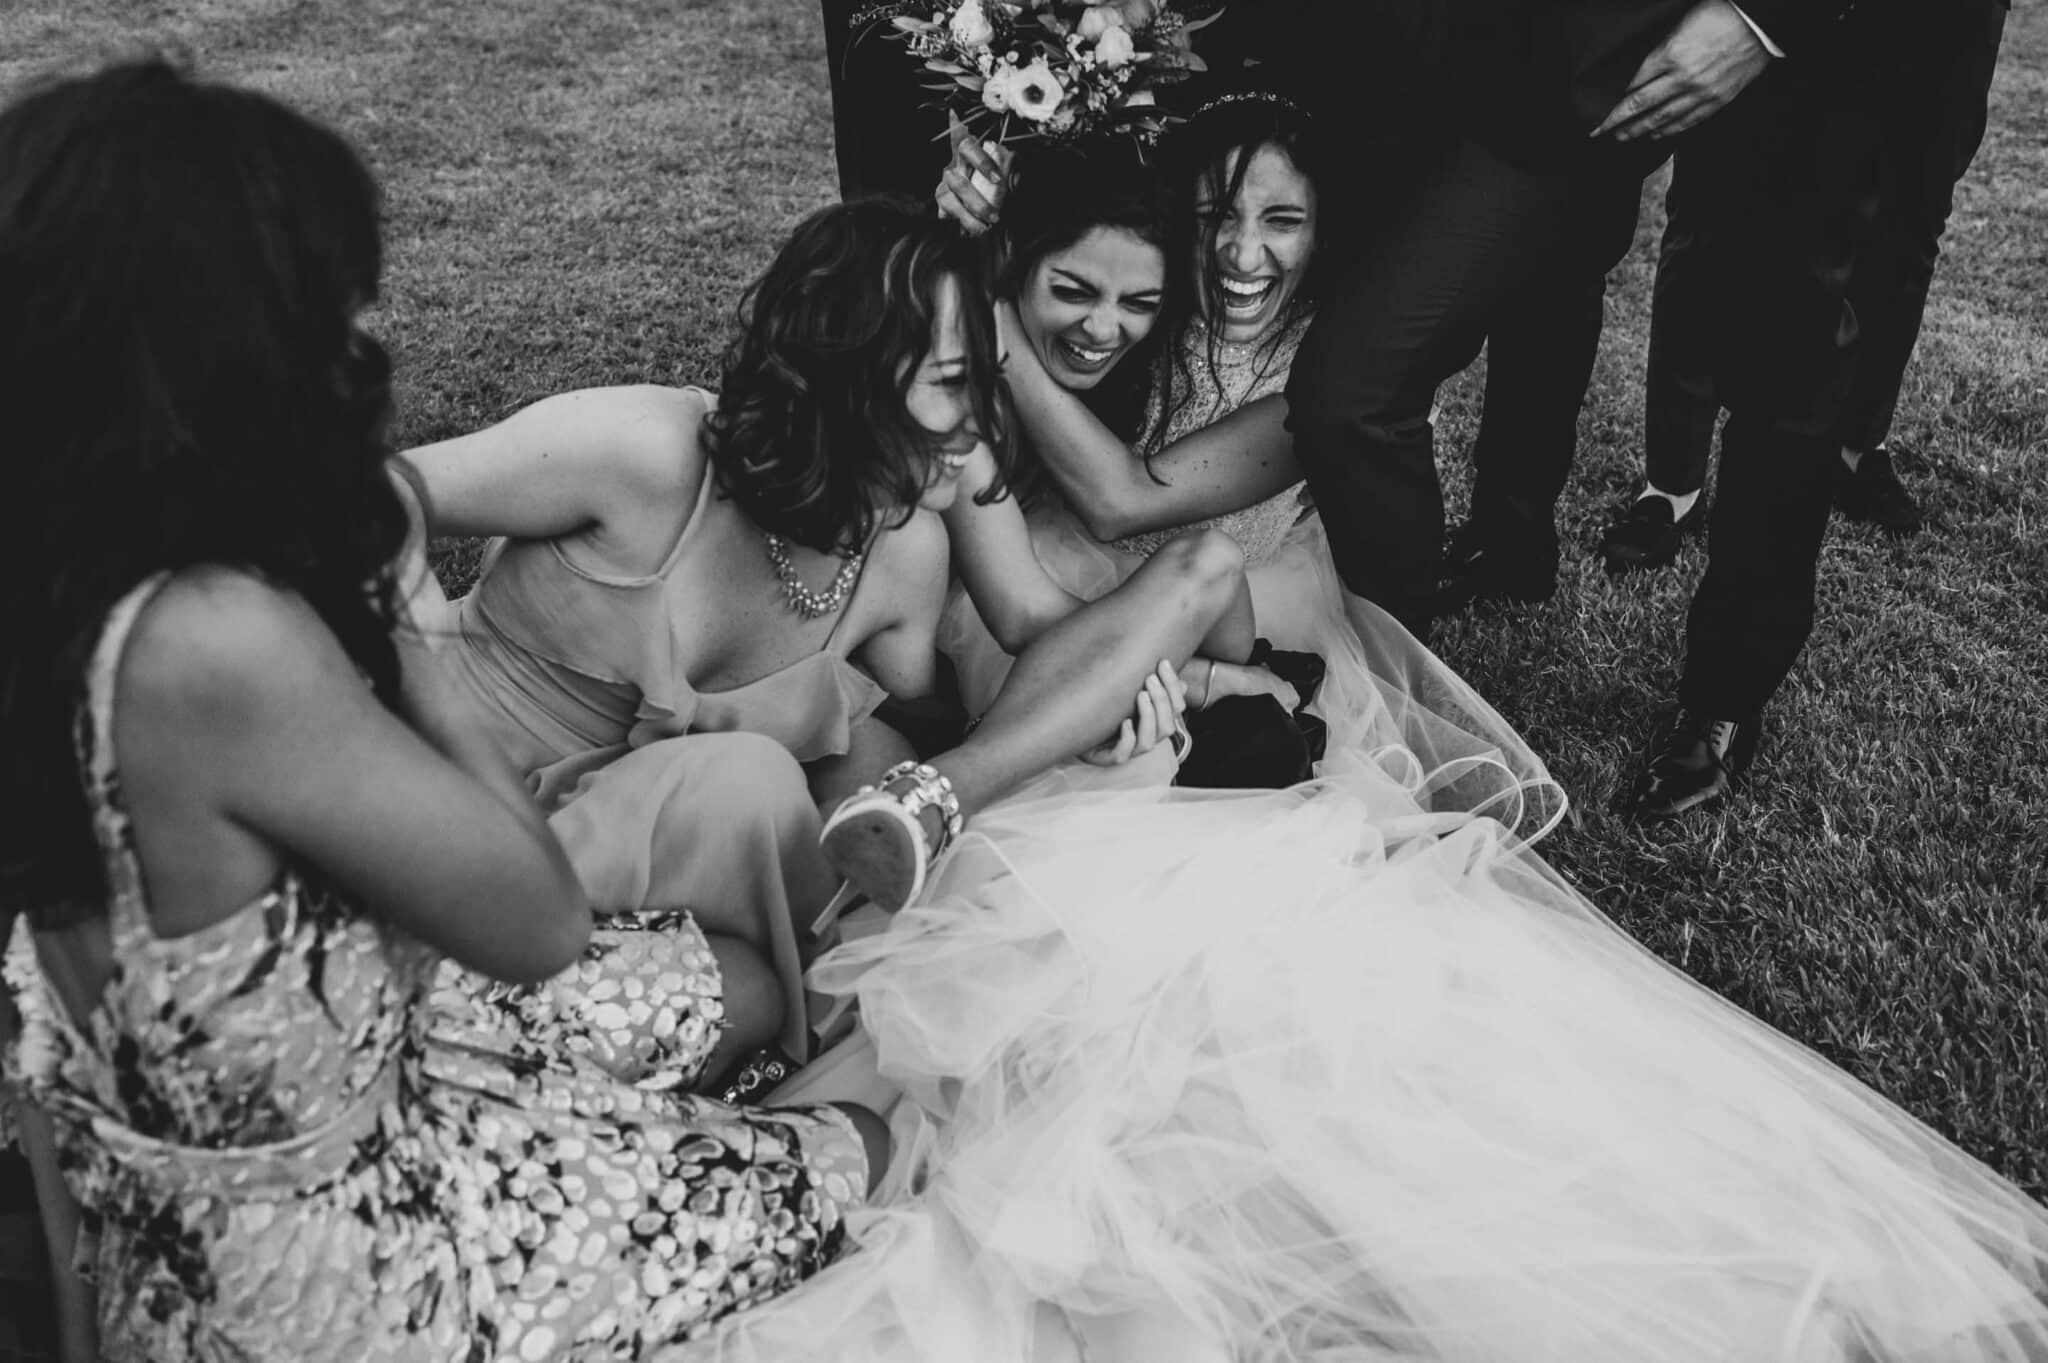 scherzi con gli amici a Villa Grabau durante un matrimonio